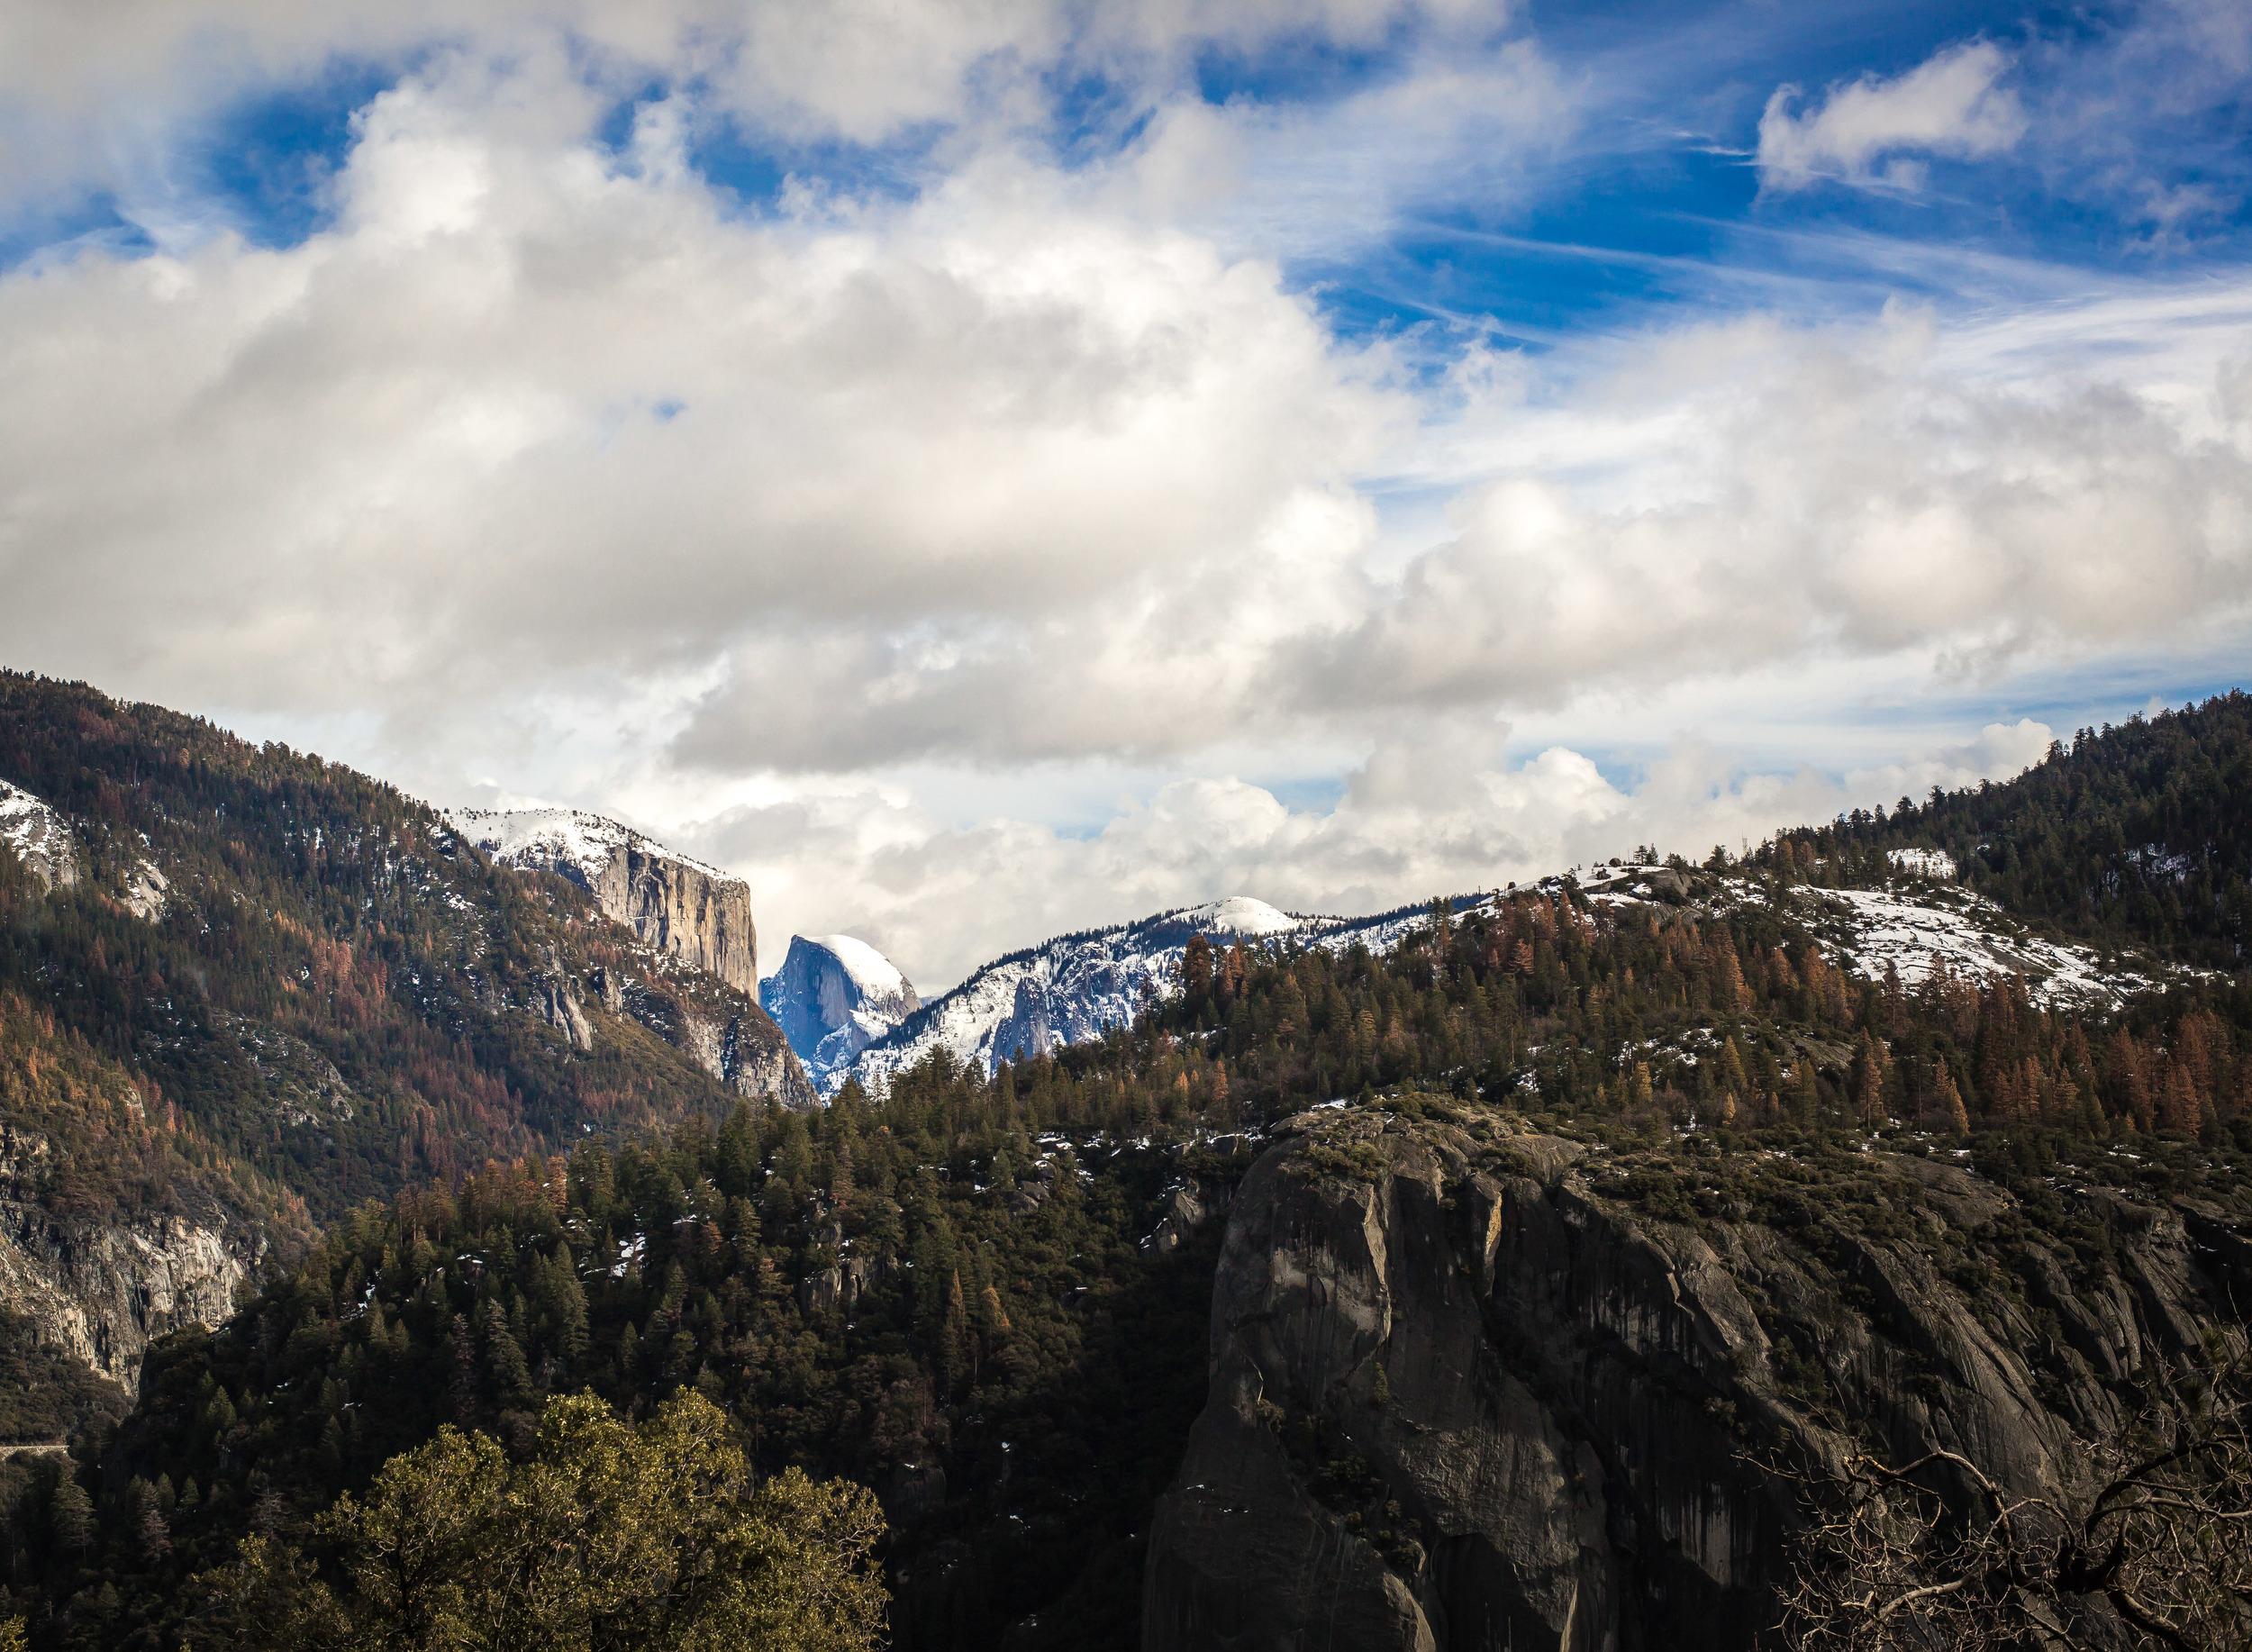 YosemiteValley-1910.JPG